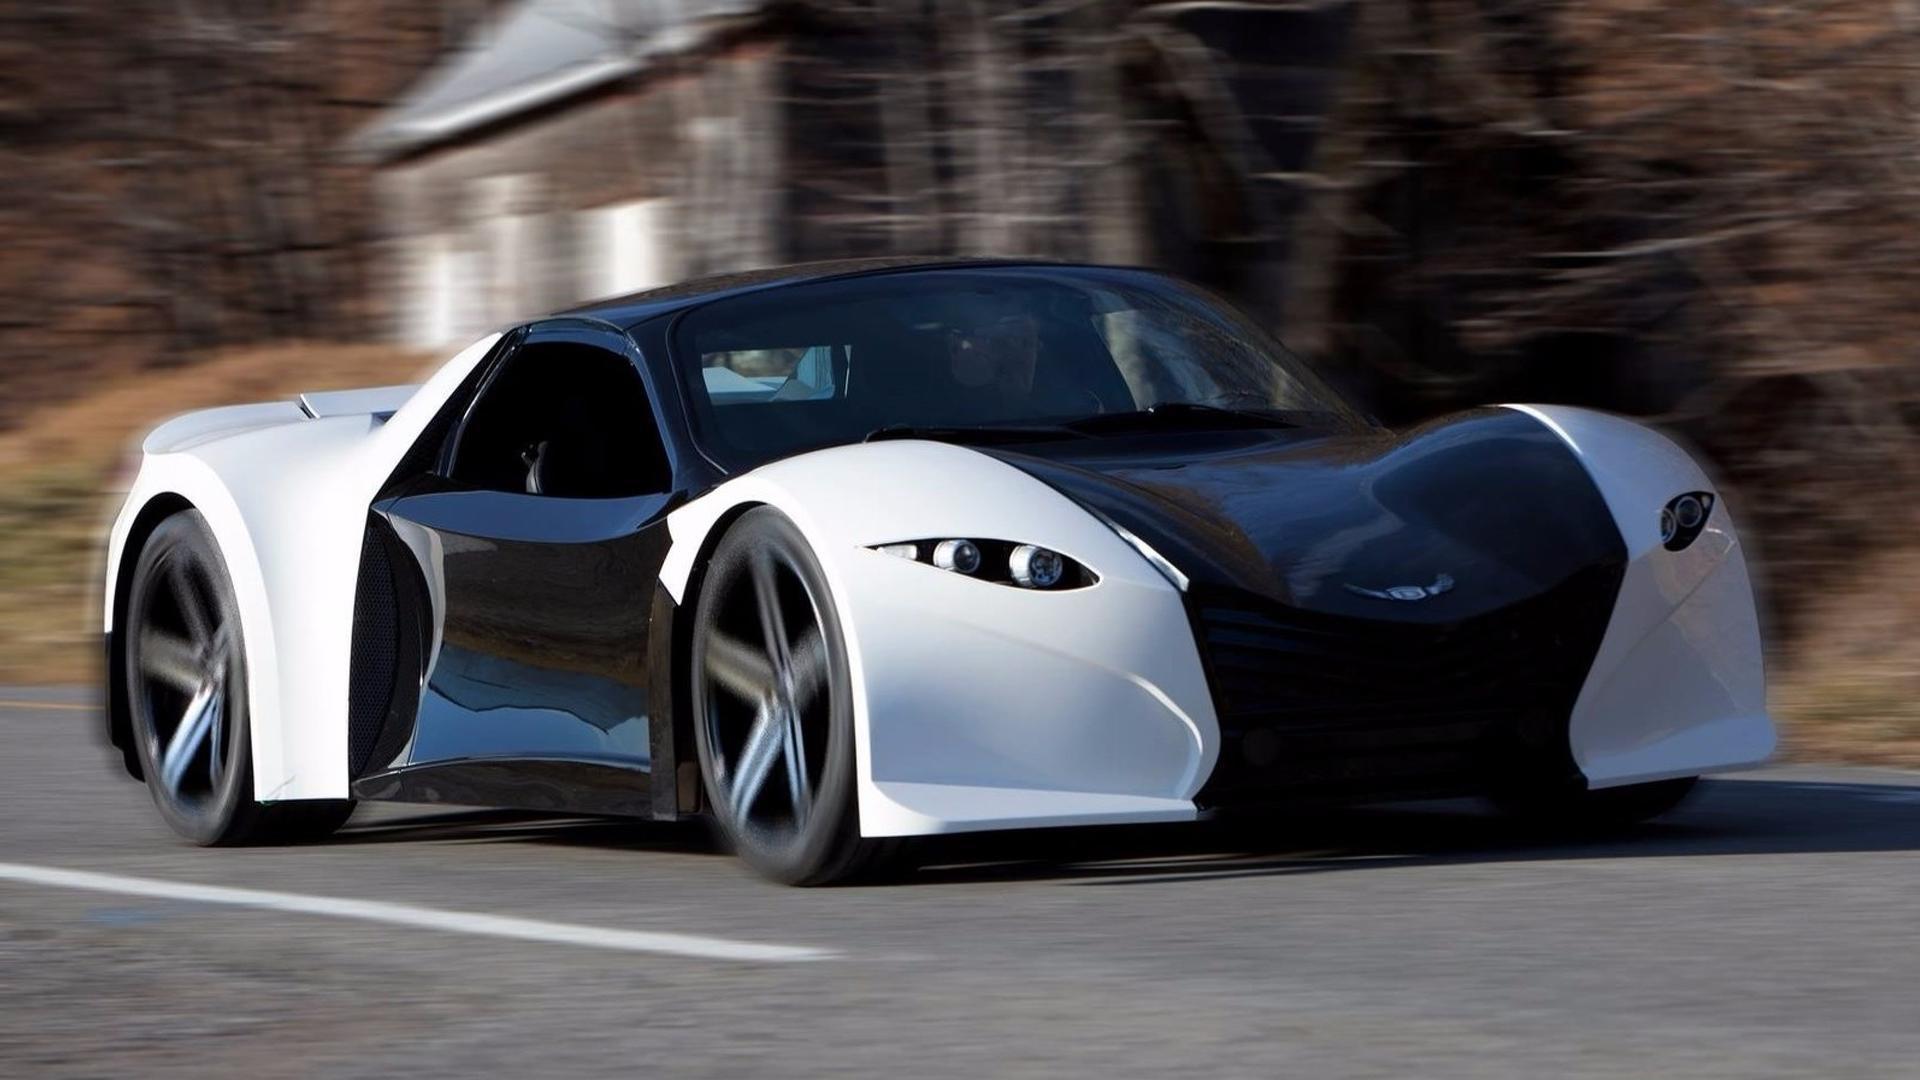 tomahawk-la-toute-premiere-voiture-sport-100-electrique-faite-au-quebec-339-1.jpg